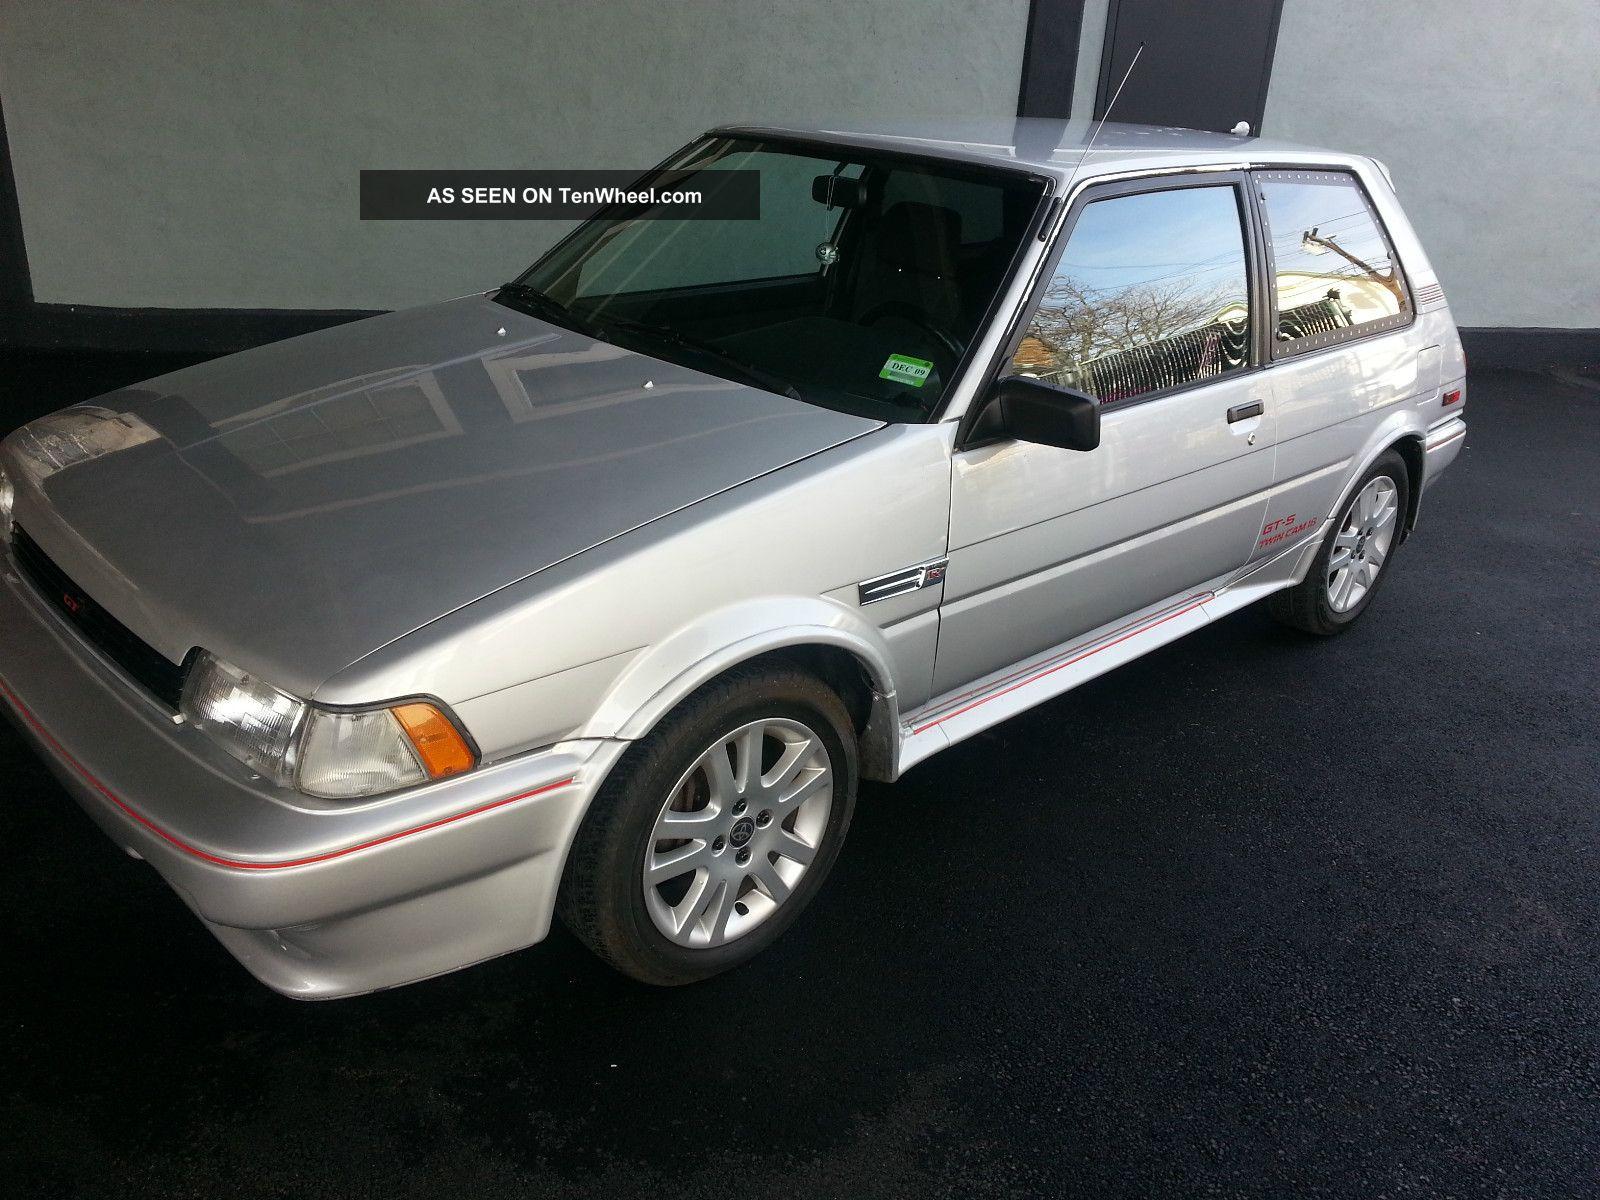 1987 Toyota Corolla Fx16 Gts Hatchback 2 Door 1 6l